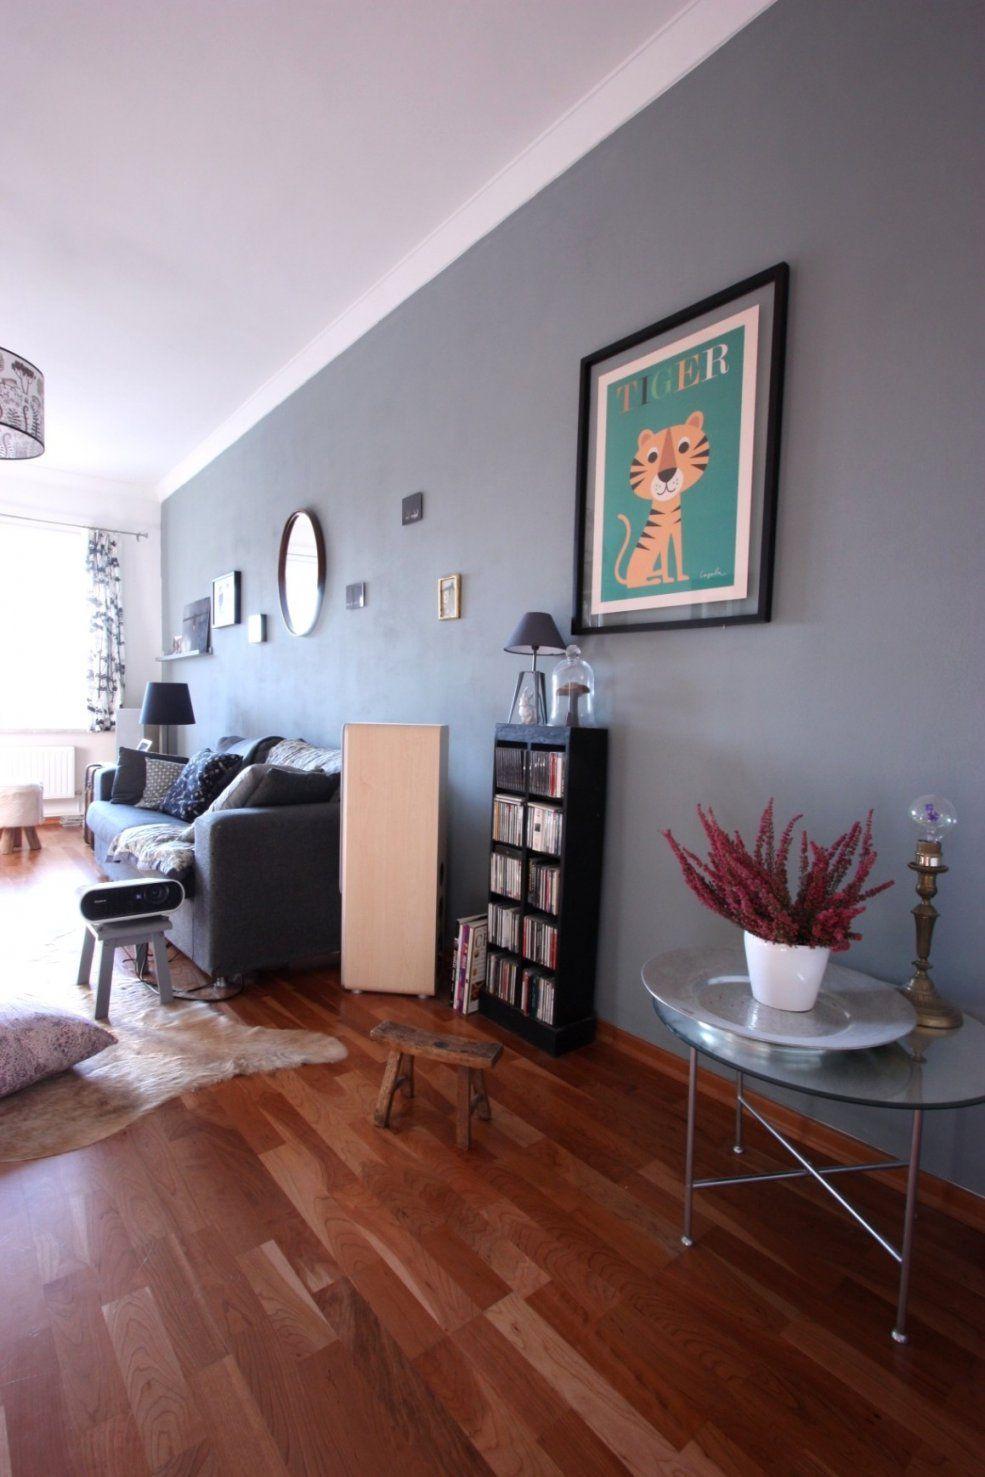 Ideen zum streichen streich ideen und streichen tipps fr mit wandfarbe gelb und bienenwand - Ideen zum wohnzimmer streichen ...